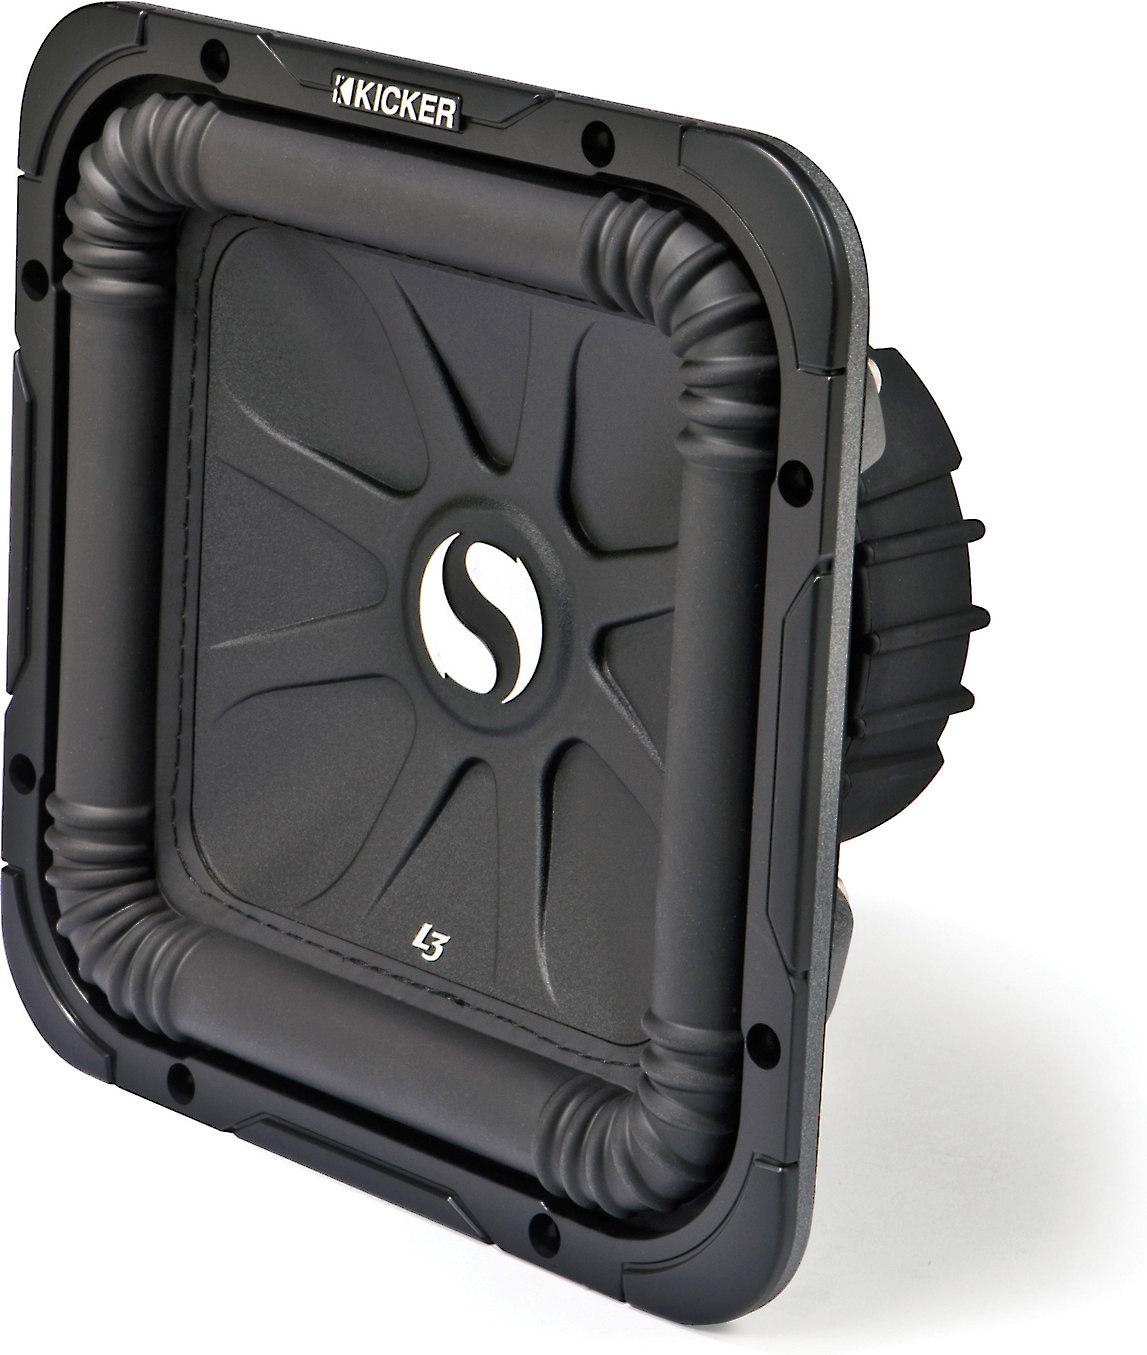 Kicker Solo-Baric® L3 Series 11S15L32